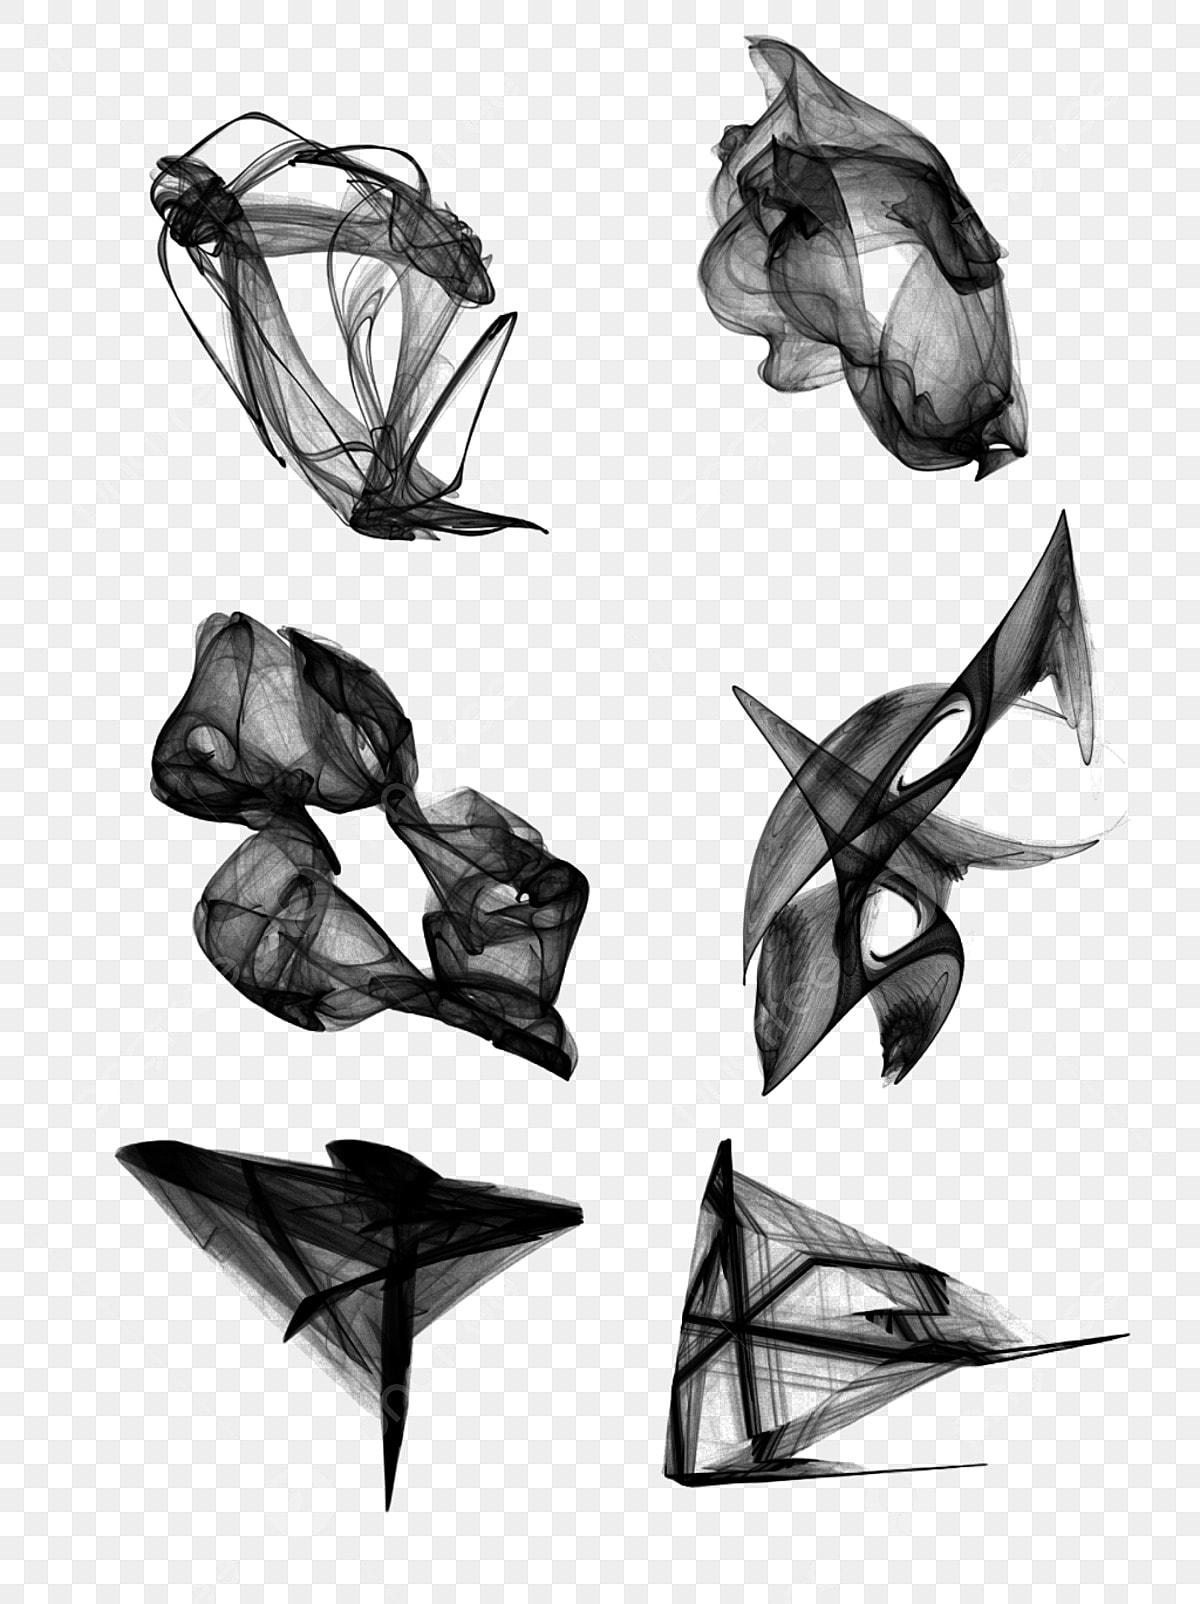 80 Gambar Abstrak Hitam Putih Simple Paling Bagus